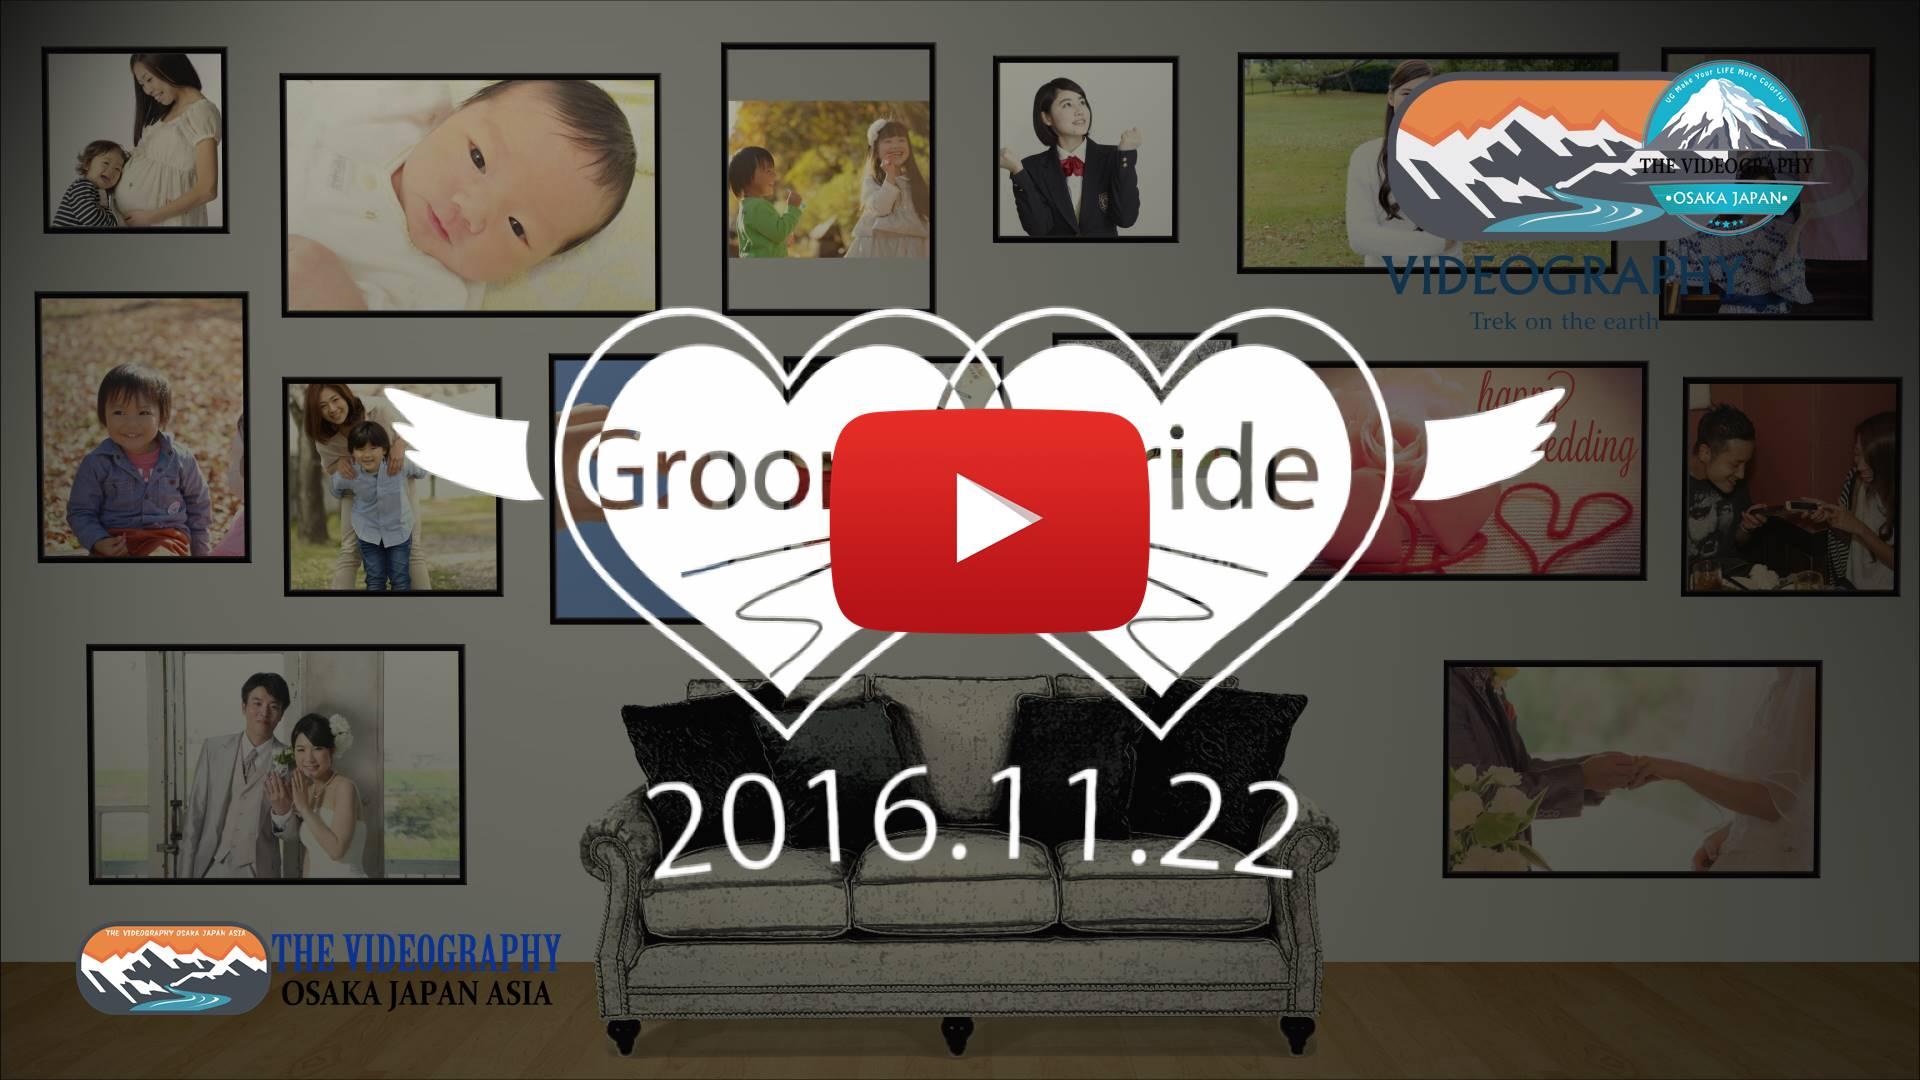 おしゃれで印象的な壁写真ギャラリー@新郎新婦の結婚式ビデオ